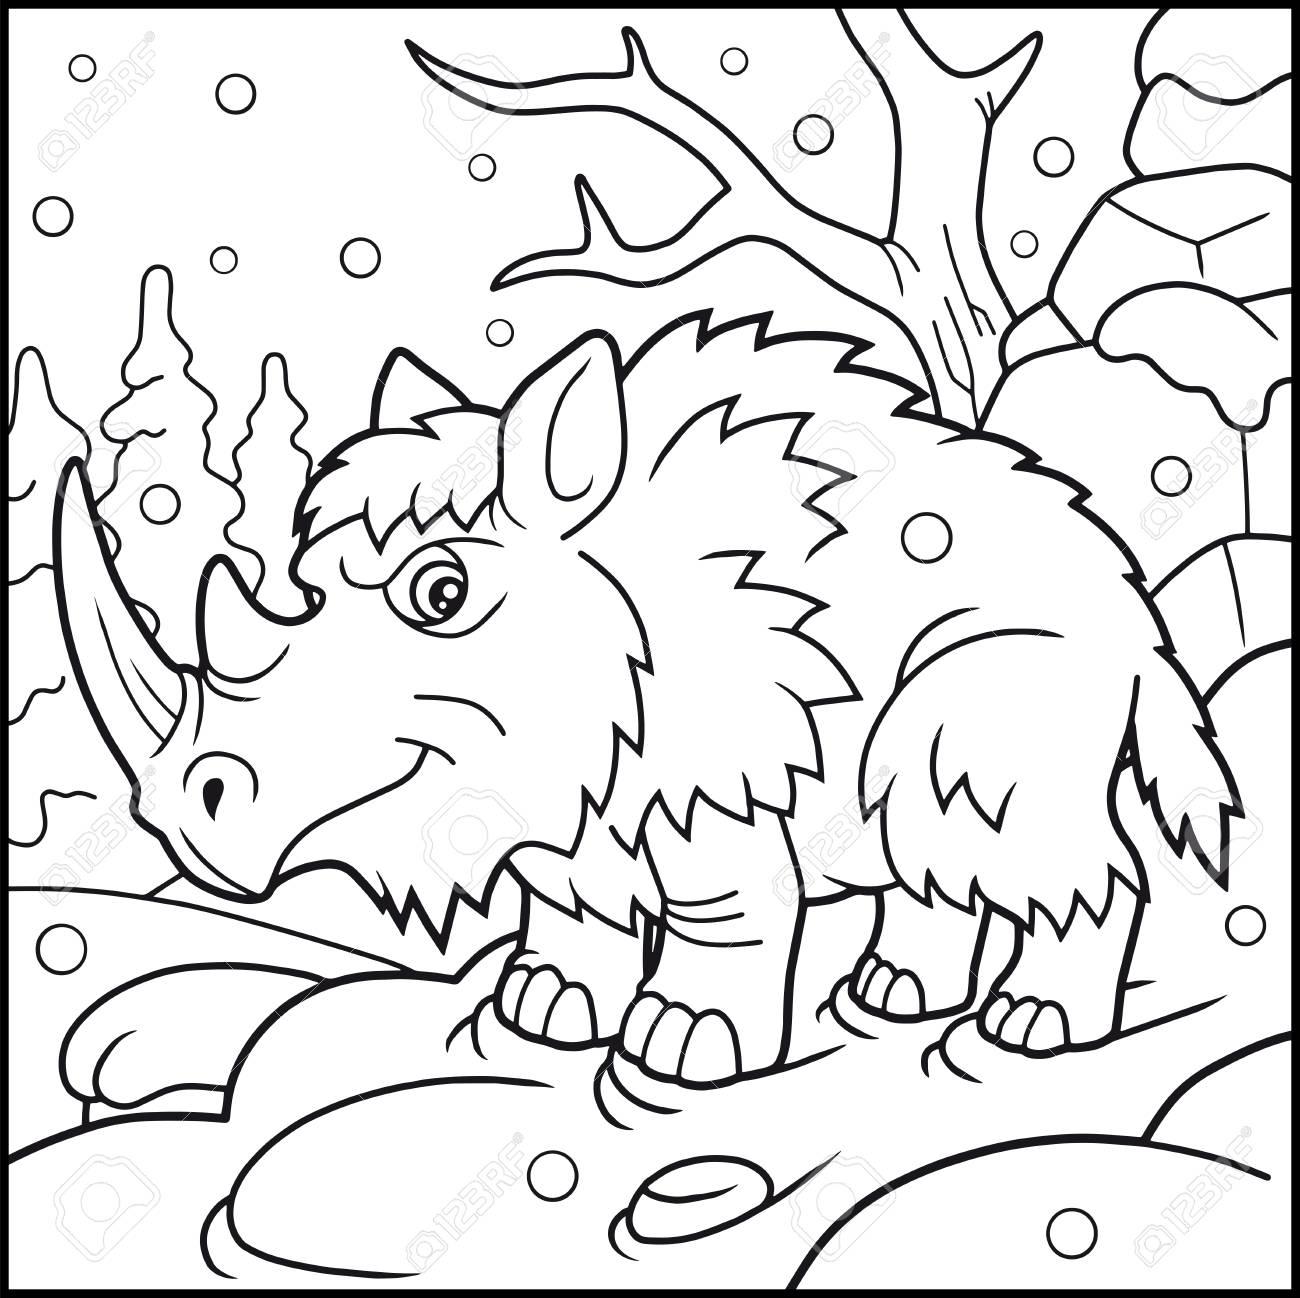 Coloriage En Ligne Rhinoceros.Livre De Coloriage De Rhinoceros Laineux De Dessin Anime